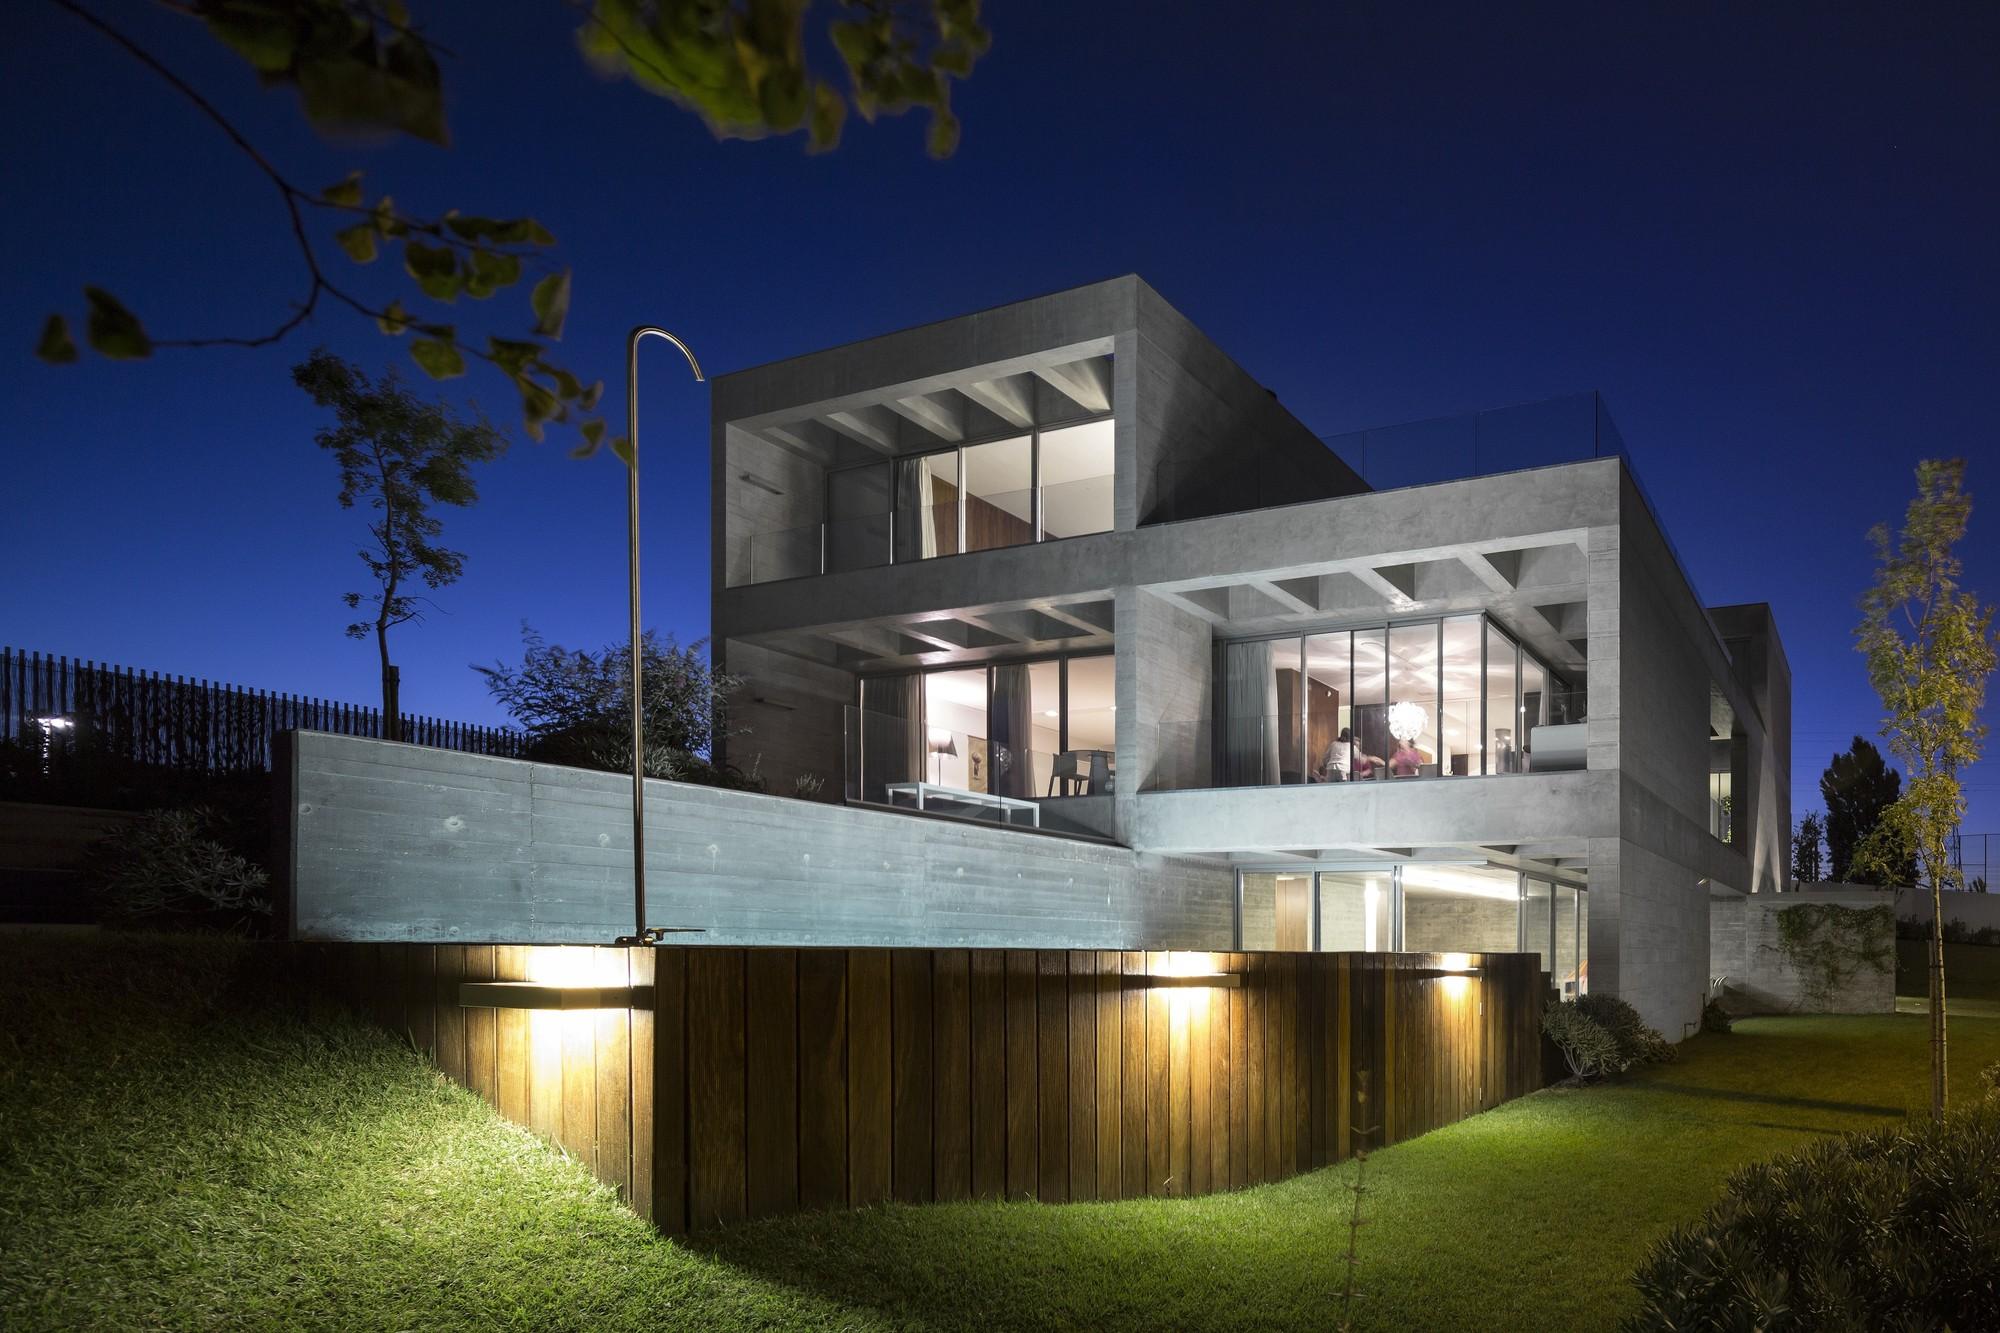 C+P House / Gonçalo das Neves Nunes, © Fernando Guerra | FG+SG